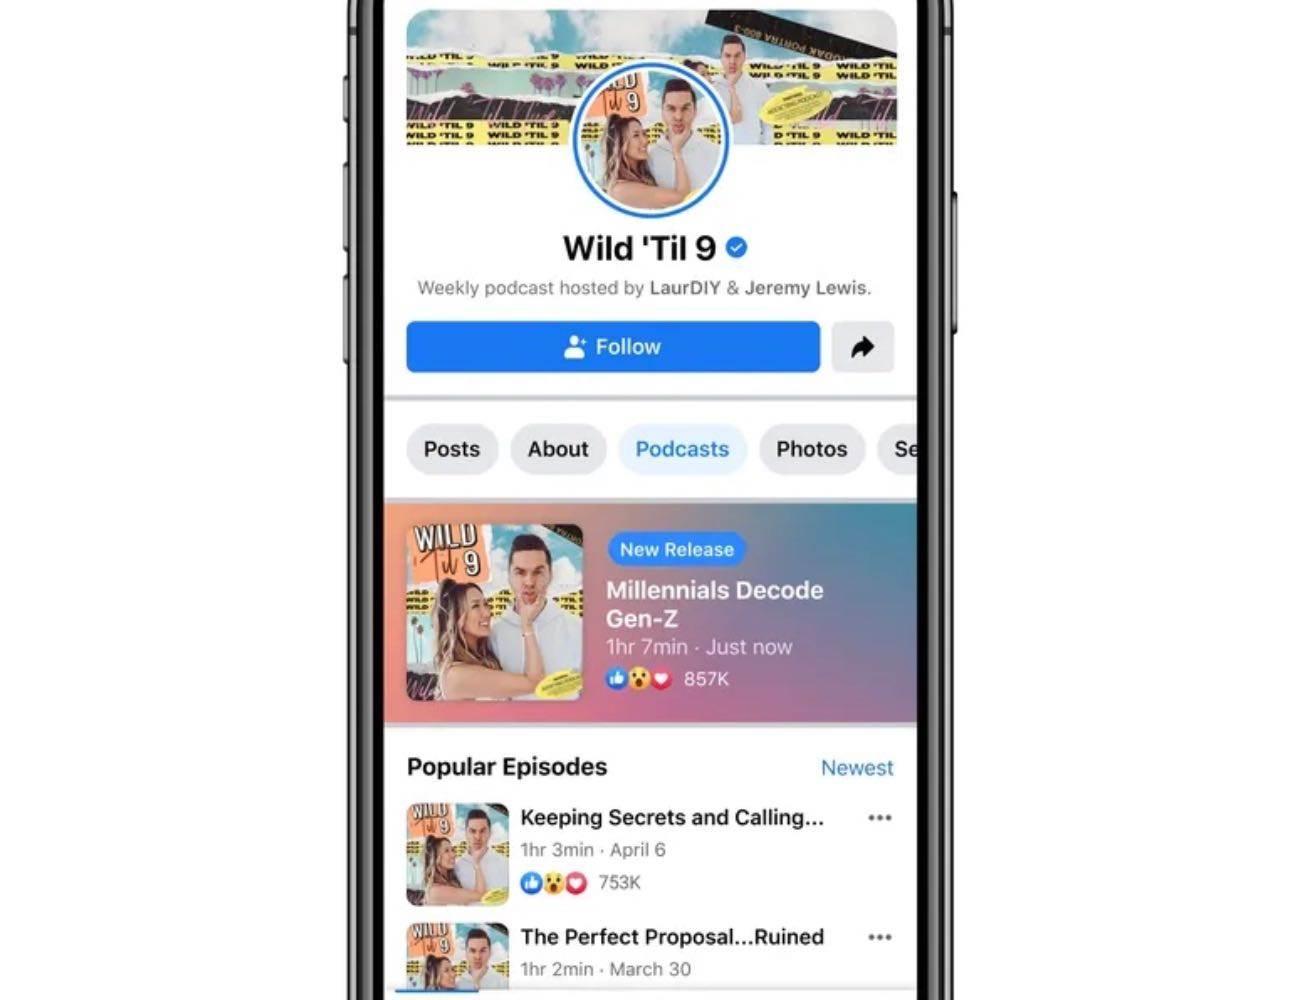 Podcasty na Facebook? Tak, już w przyszłym tygodniu polecane, ciekawostki podcasty, Facebook  Sieć społecznościowa Facebook przygotowuje się do ogłoszenia własnej platformy podcastowej. Premiera odbędzie się we wtorek 22 czerwca. FaceBook Podcast